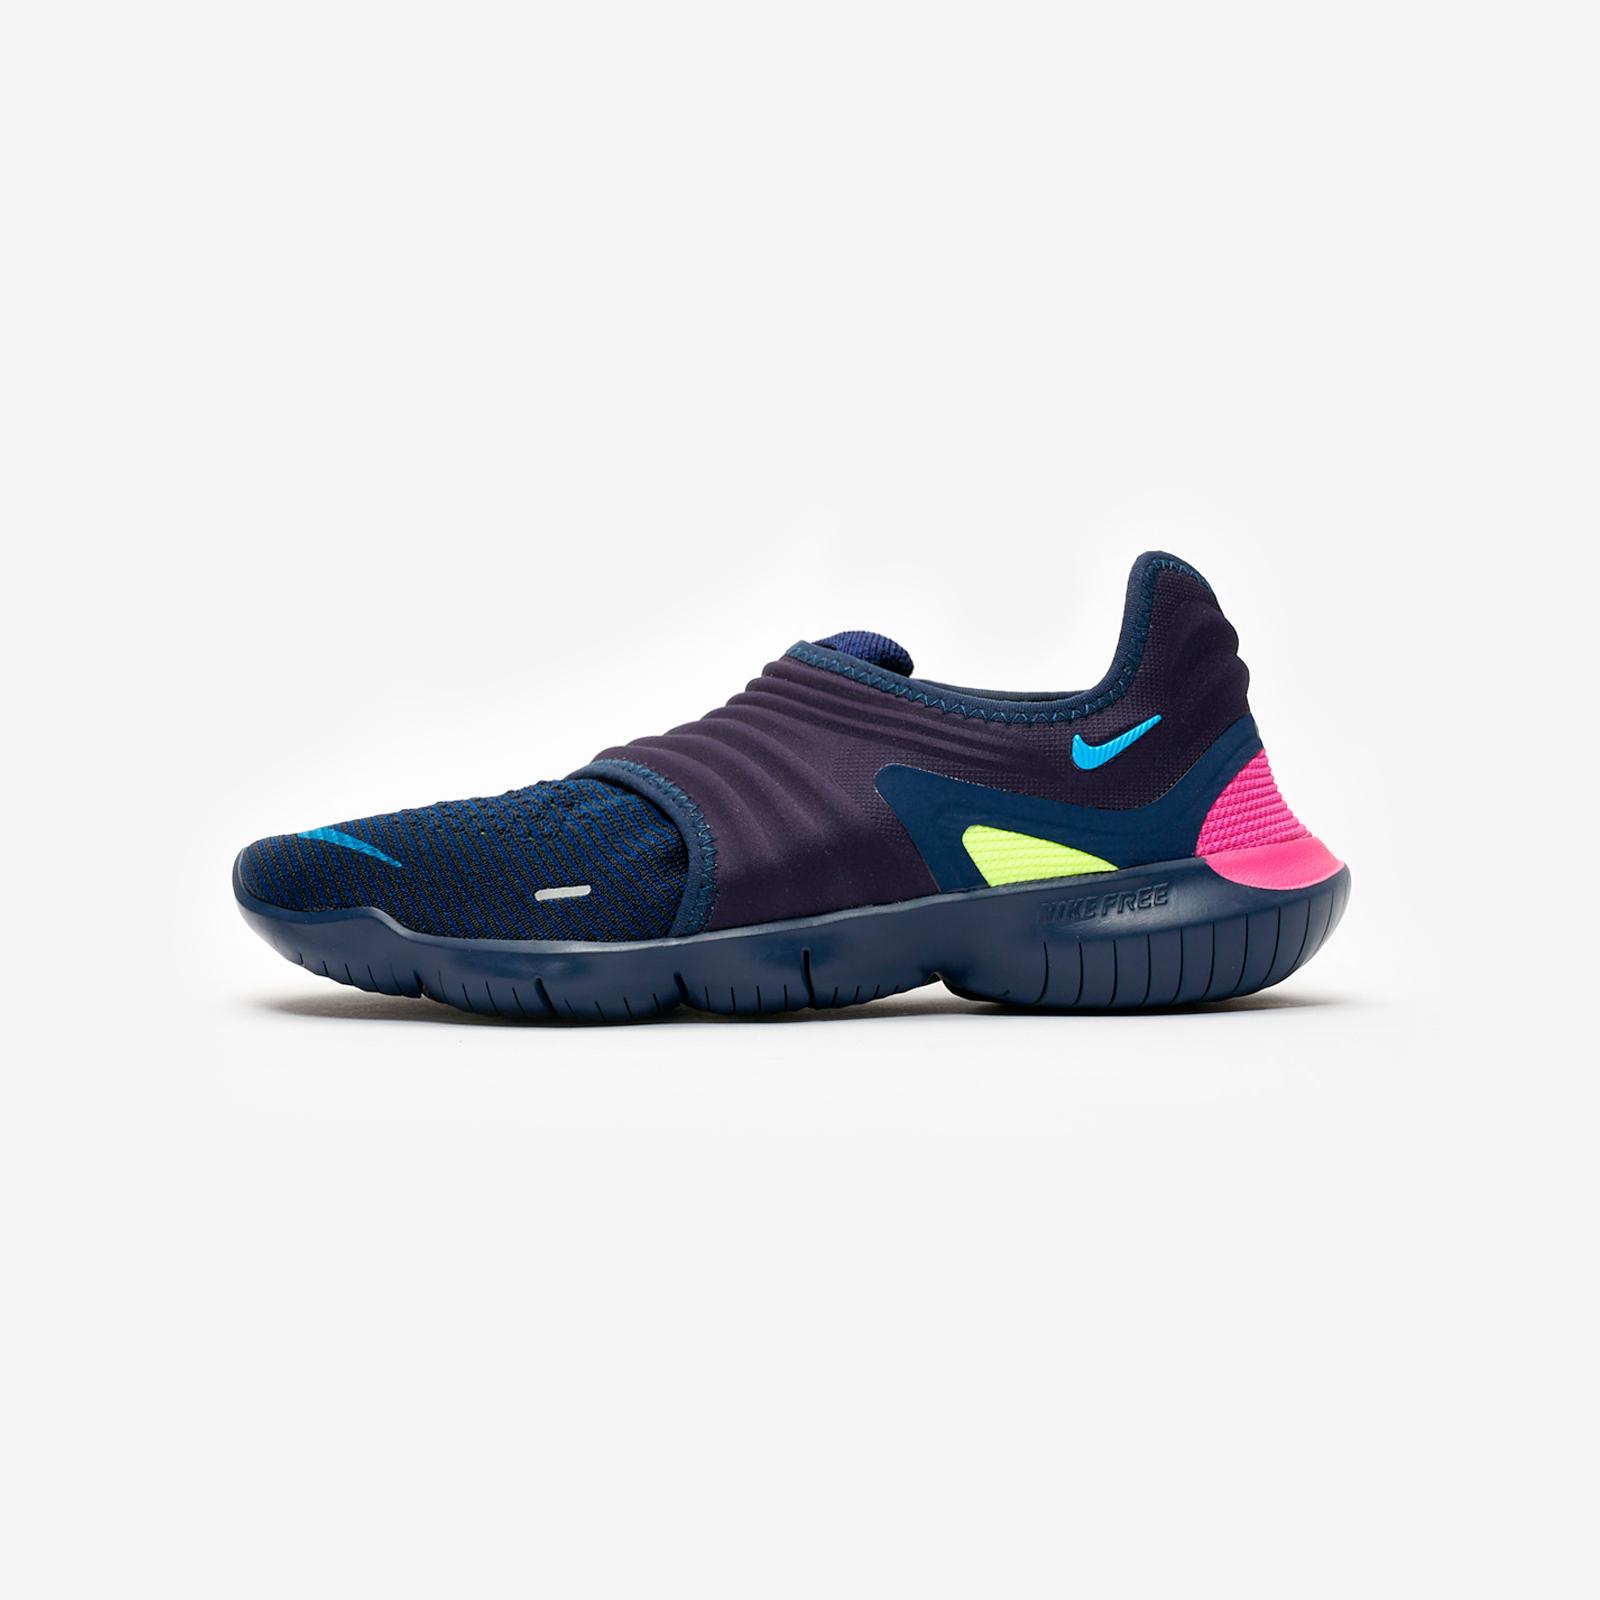 Nike Free RN Flyknit 3.0 Aq5707 400 Sneakersnstuff I